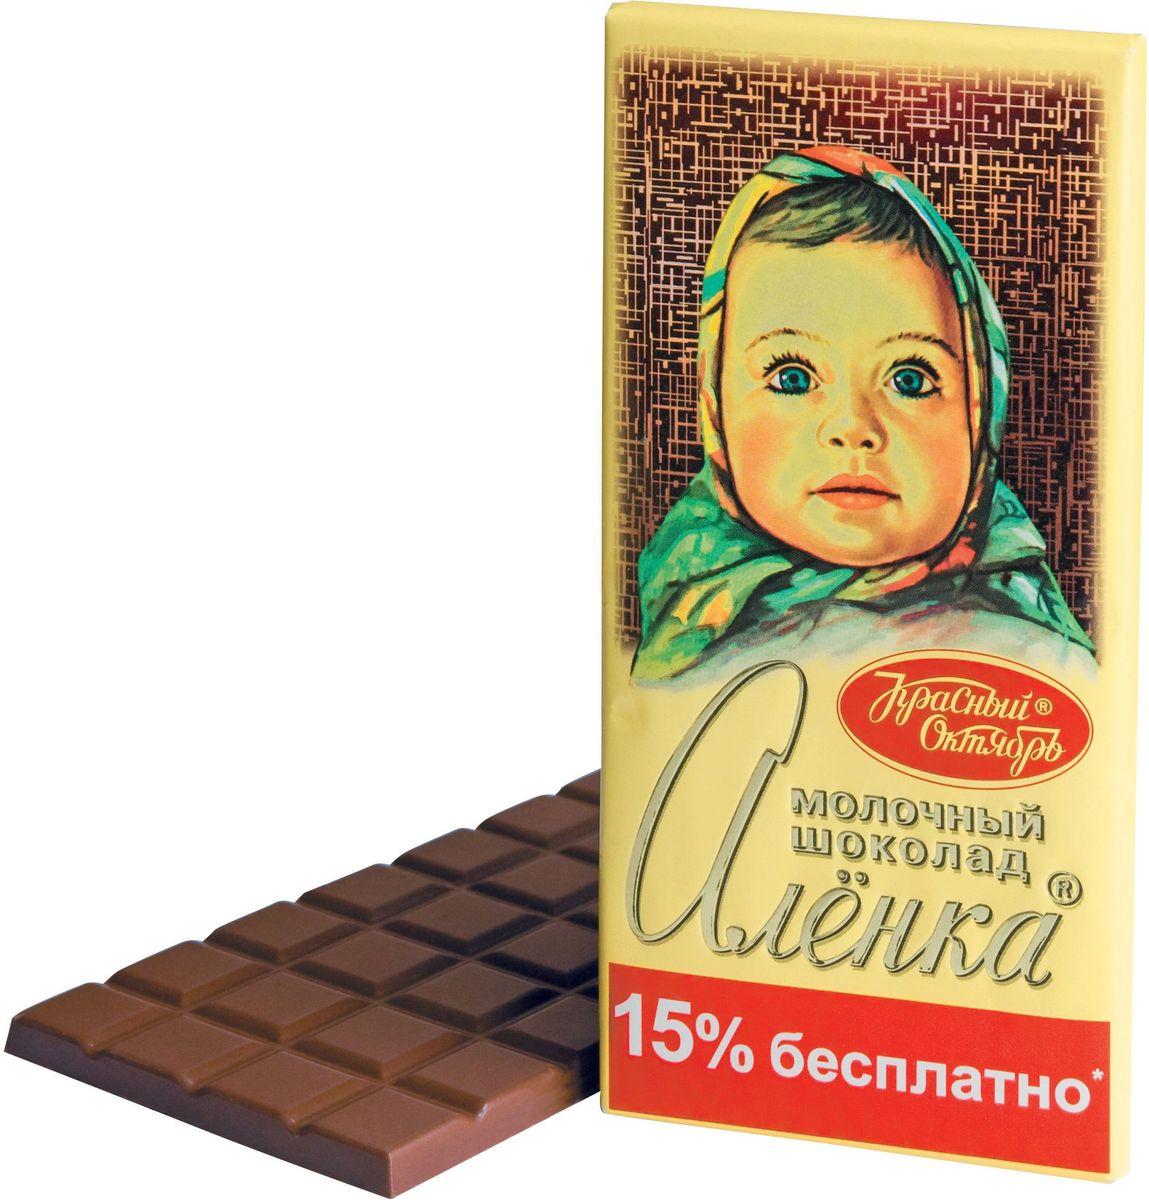 Красный Октябрь Аленка молочный шоколад, 200 г стульчик мега дом фунтик красный